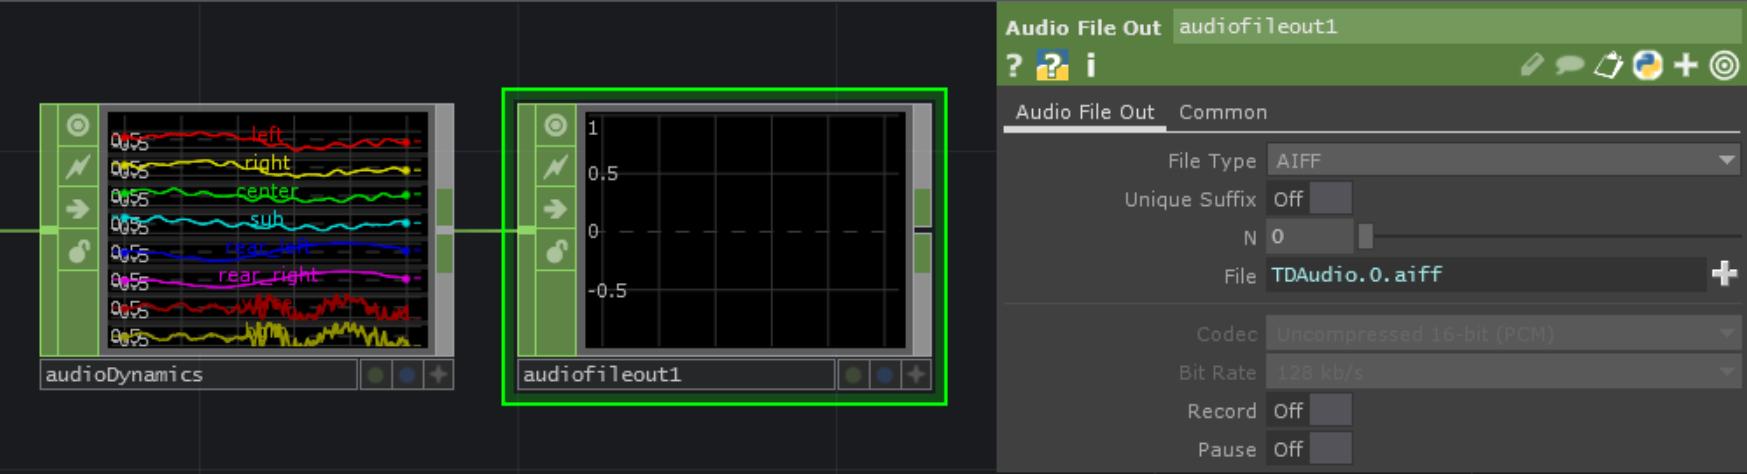 audiorecord.png